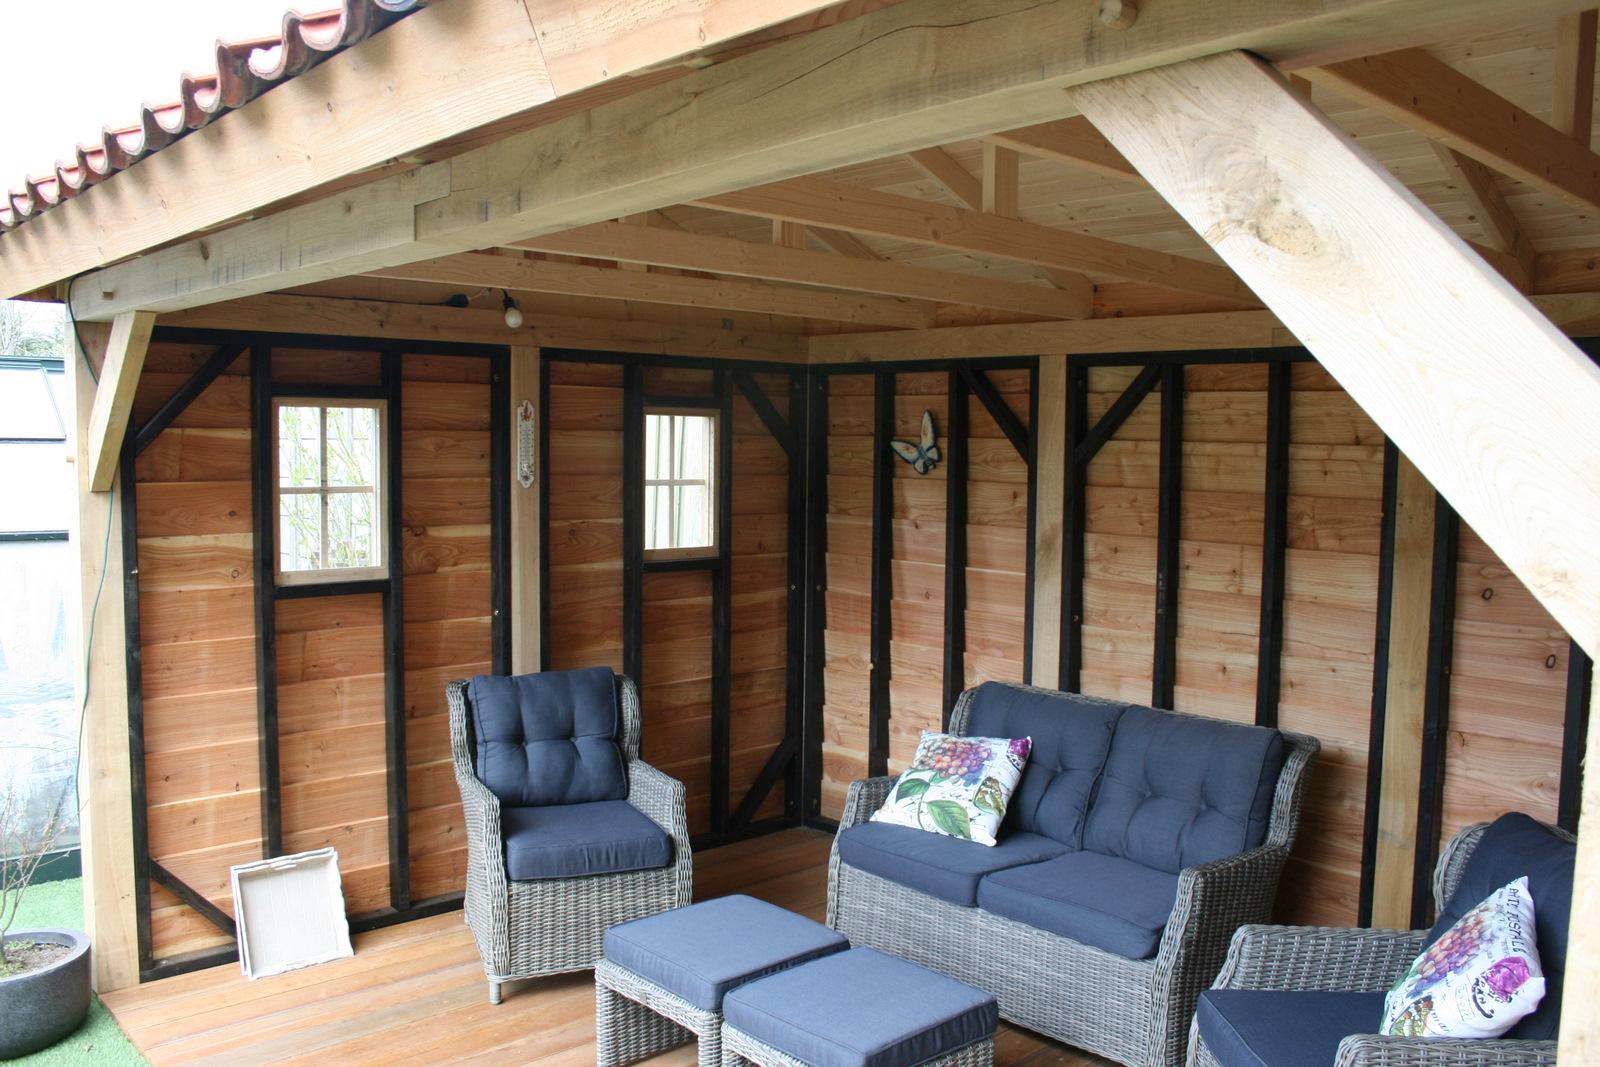 houten-tuinkamer-9 - Tuinhuis met tuinkamer Base